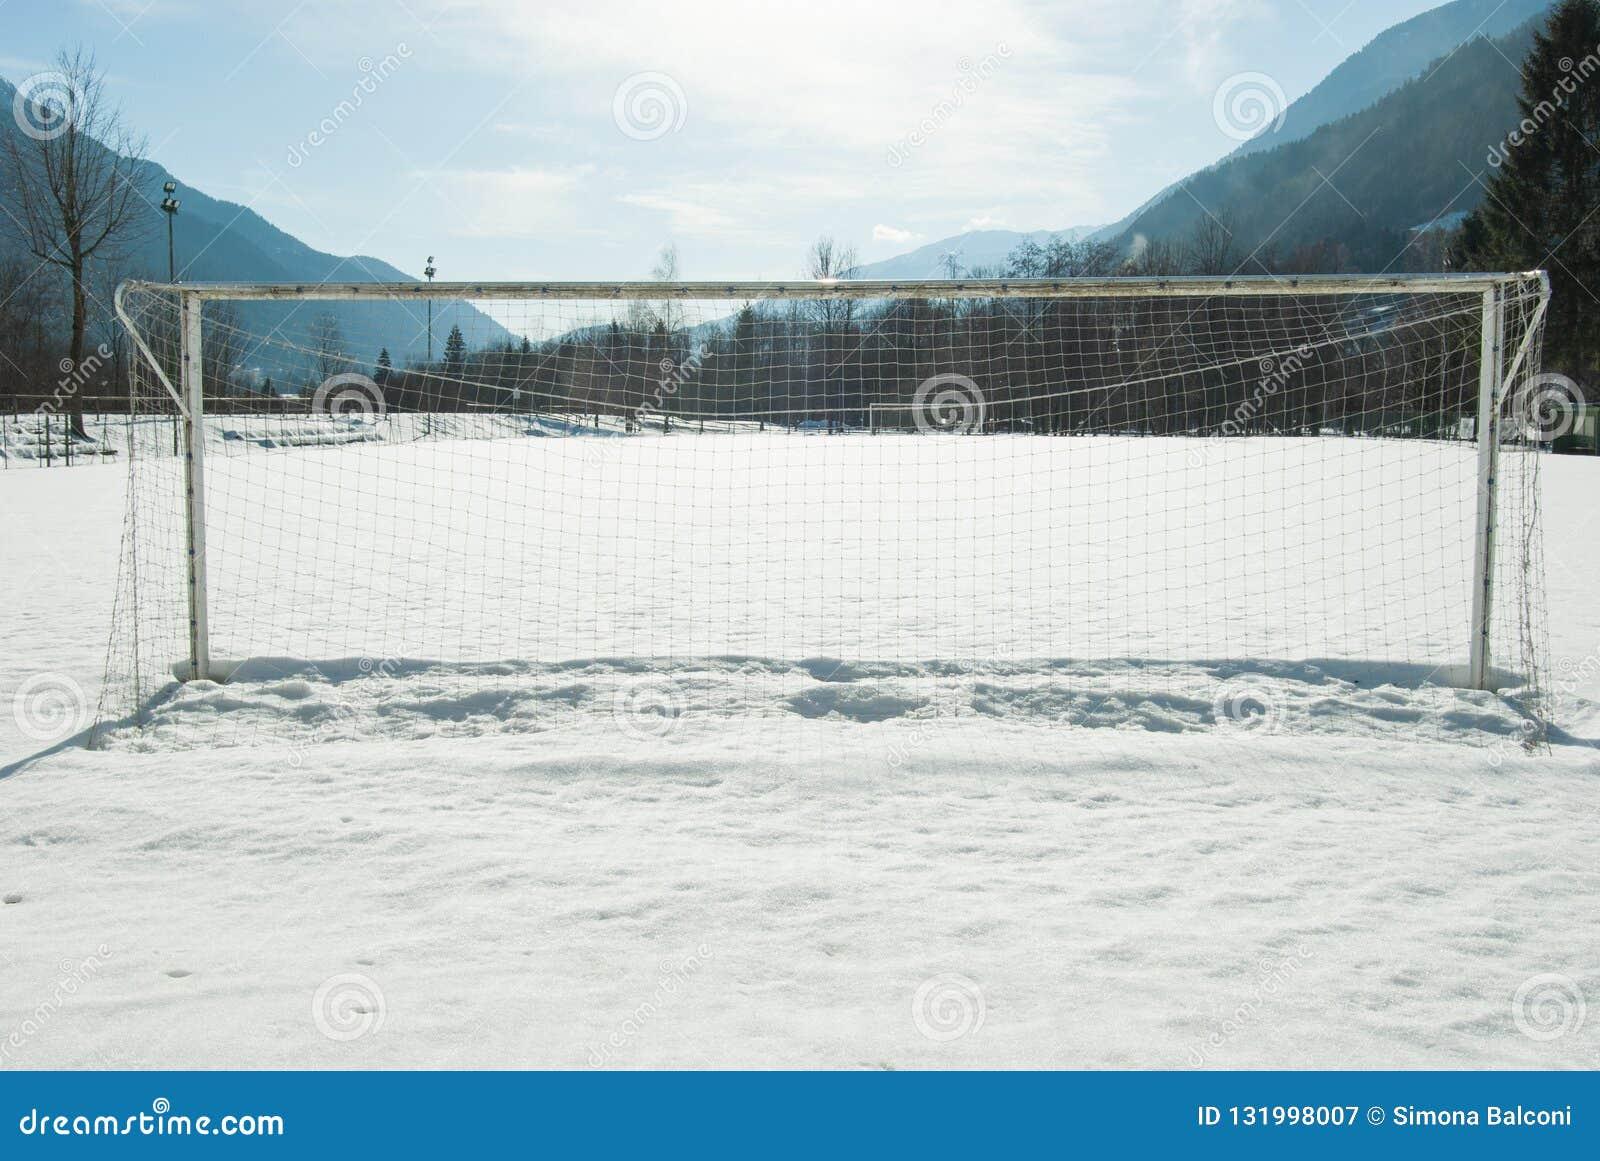 Doel netto van een voetbalgebied met sneeuw